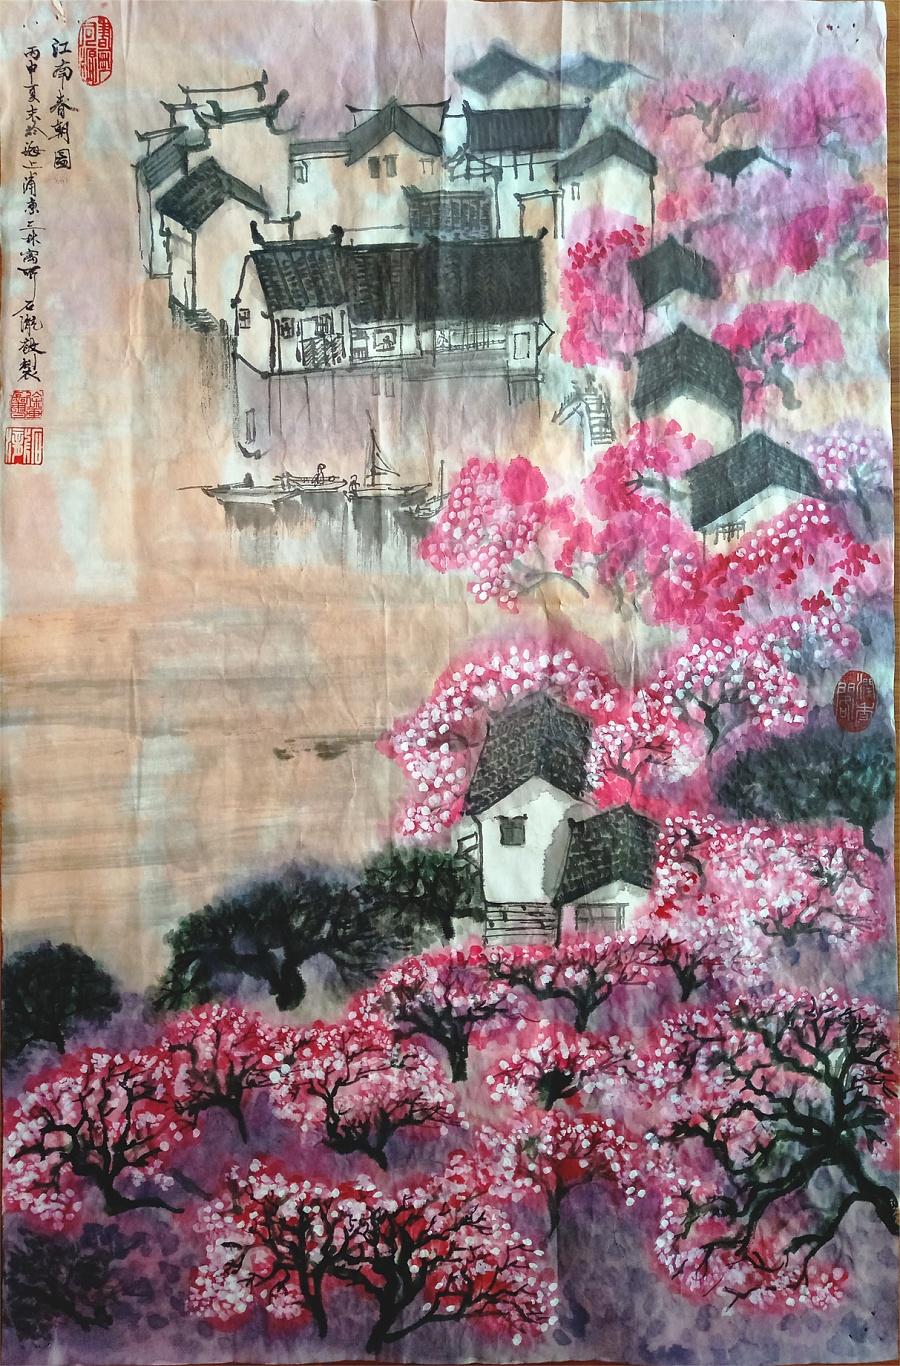 石泷纯手绘《江南春朝图》